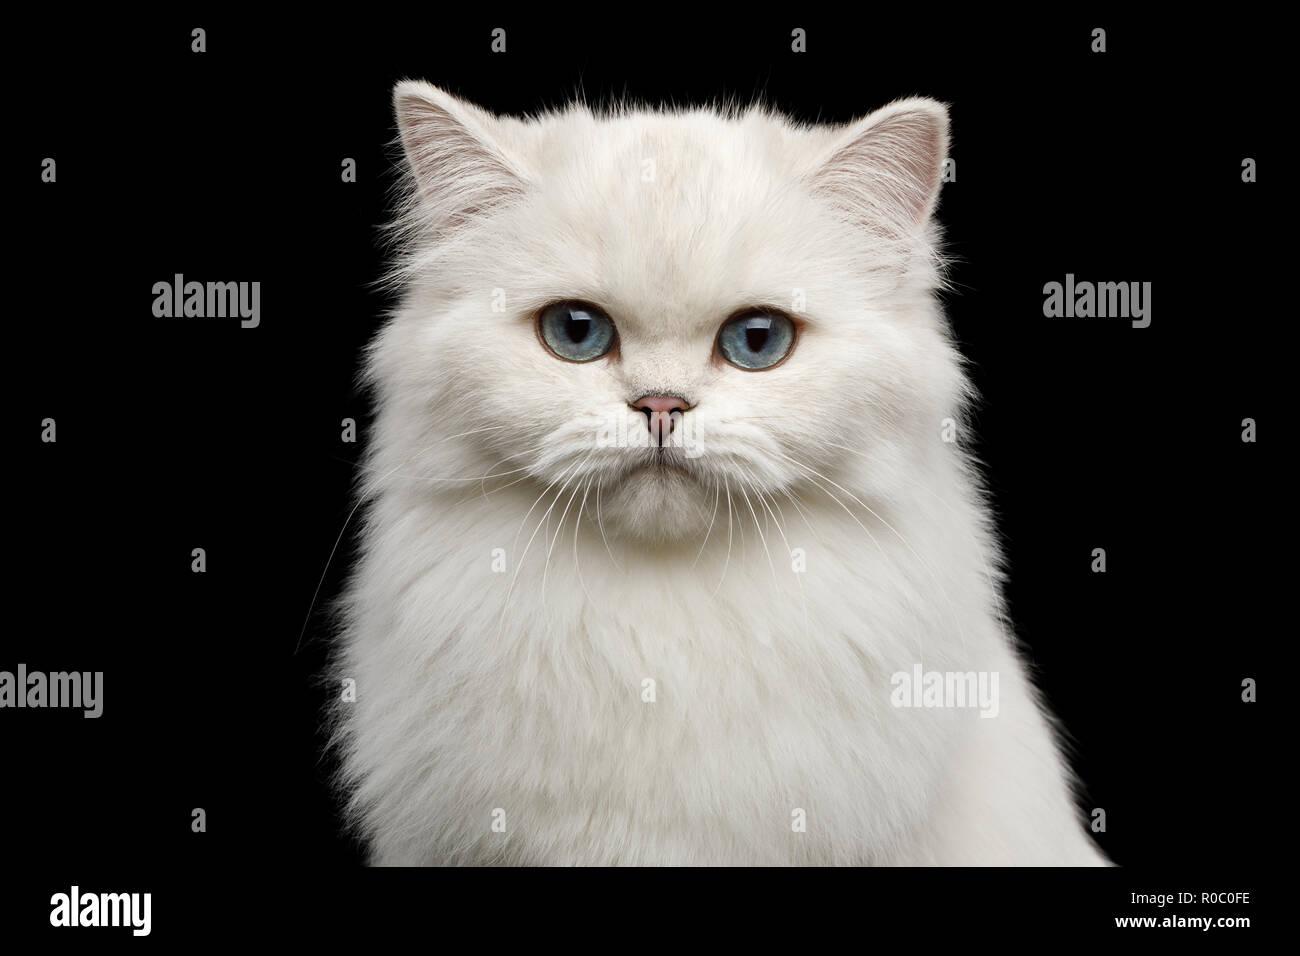 Portrait de la race de chat, couleur blanc pur avec les yeux bleus, à la caméra en isolé sur fond noir, front view Photo Stock